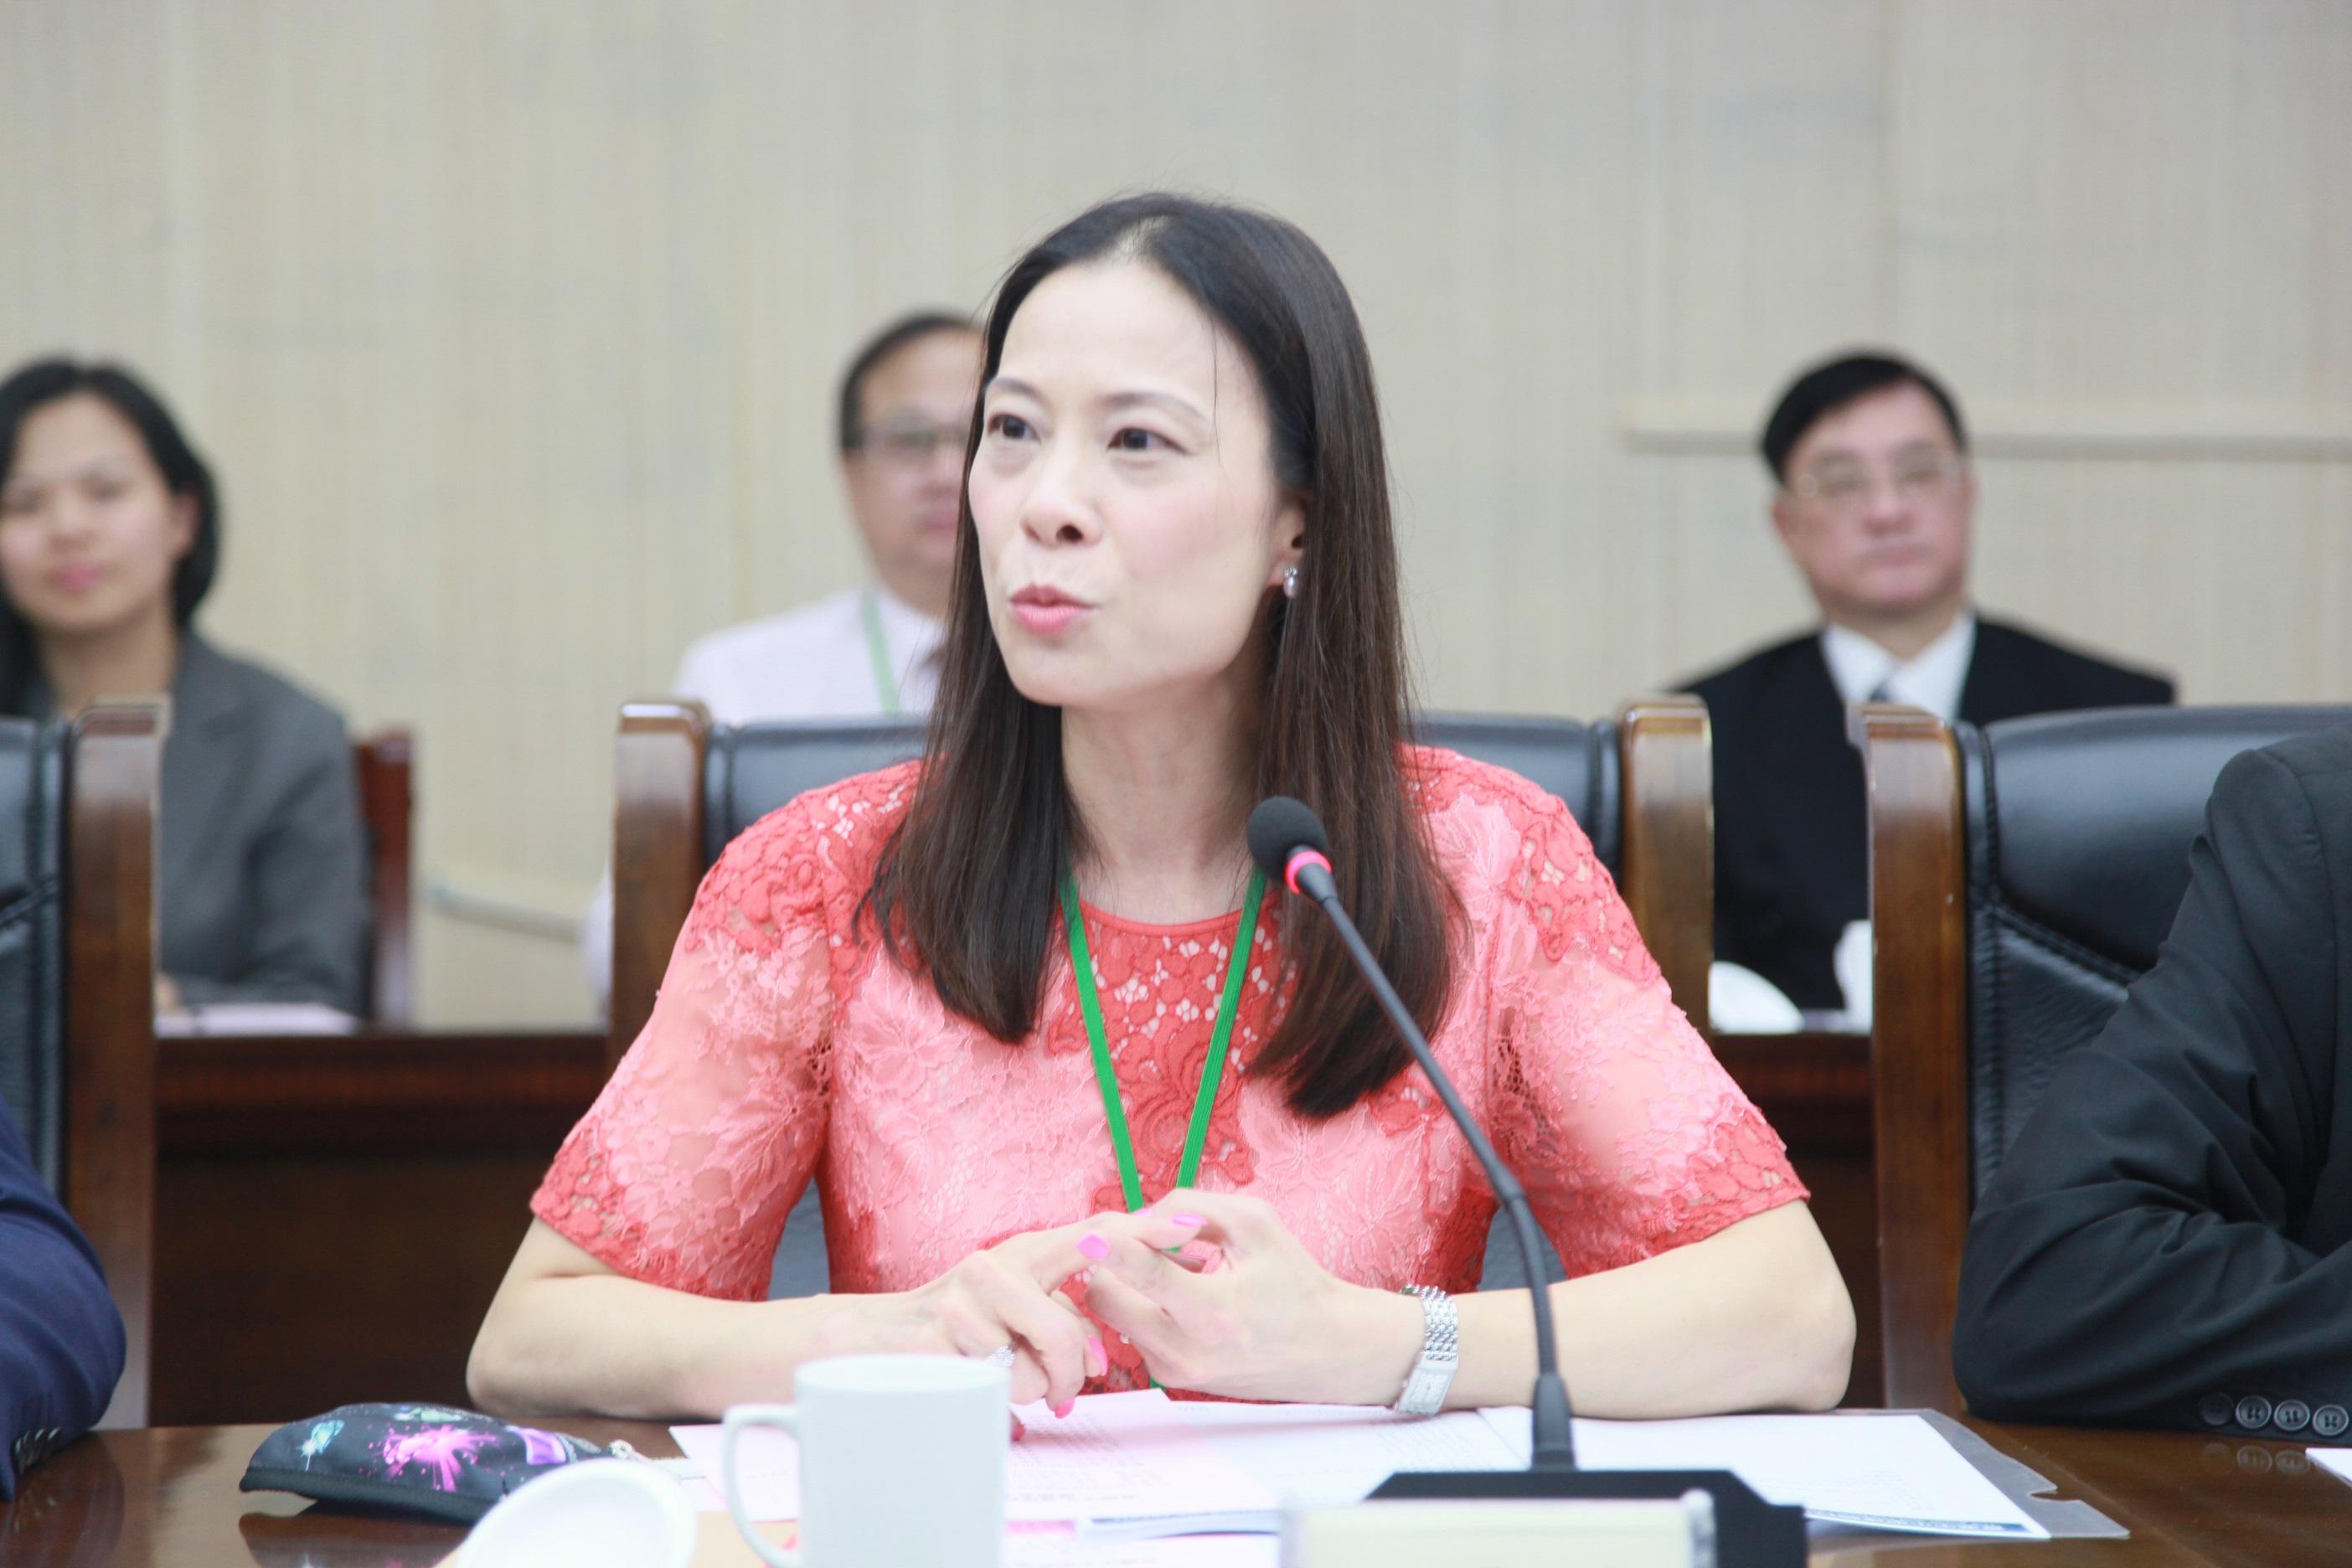 本報河南傳真 香港中小型律師行協會創會會長陳曼琪